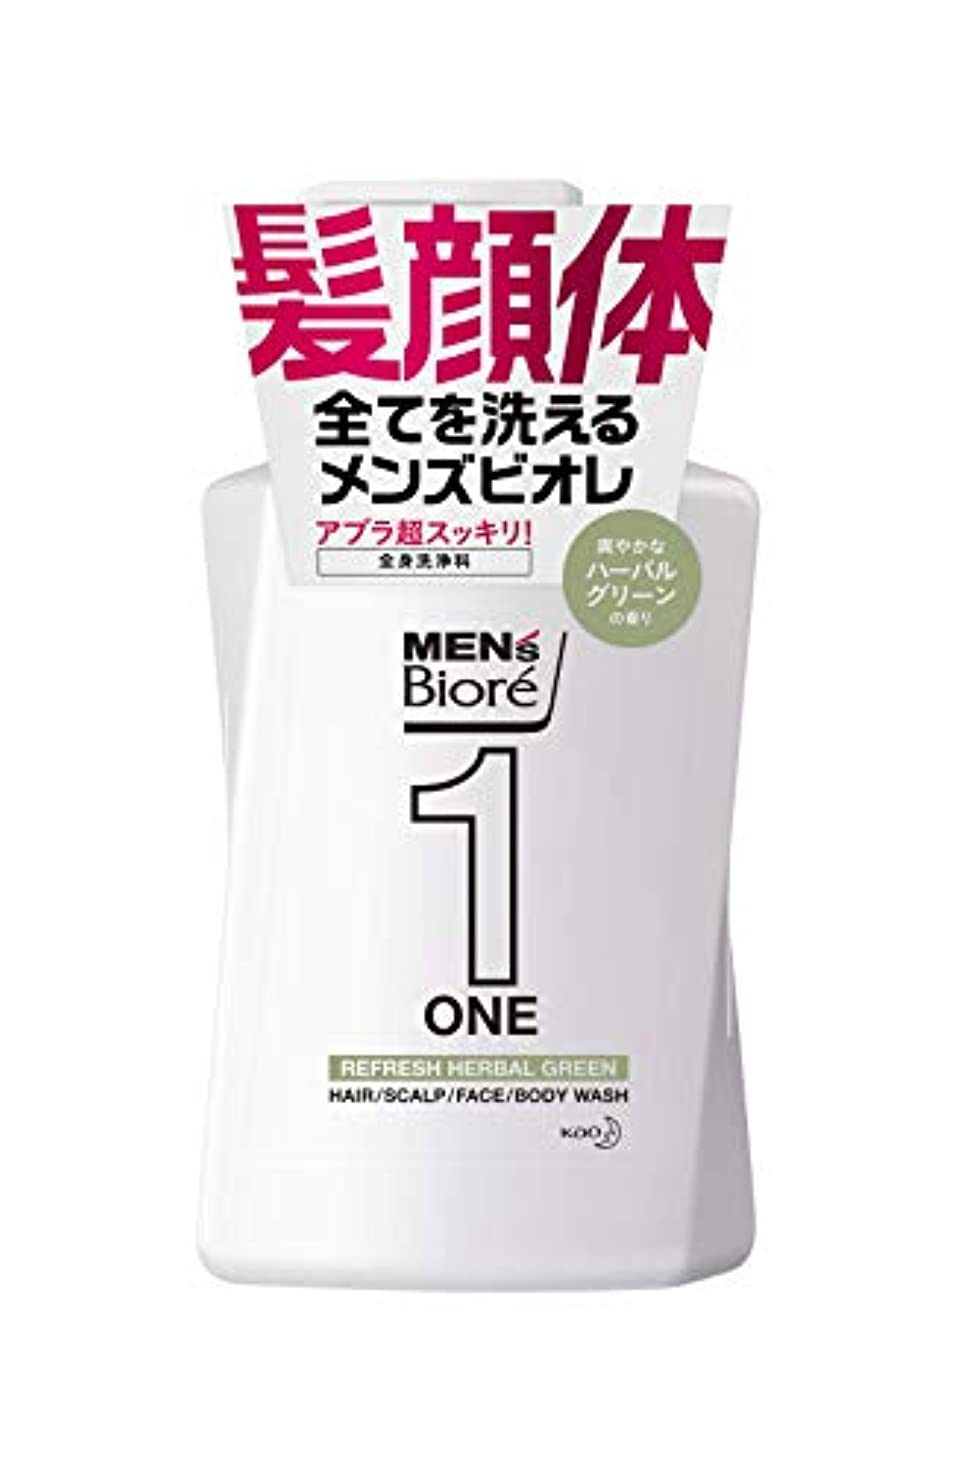 すりの配列娯楽メンズビオレ ONE オールインワン全身洗浄料 ハーバルグリーンの香り ポンプ 480ml